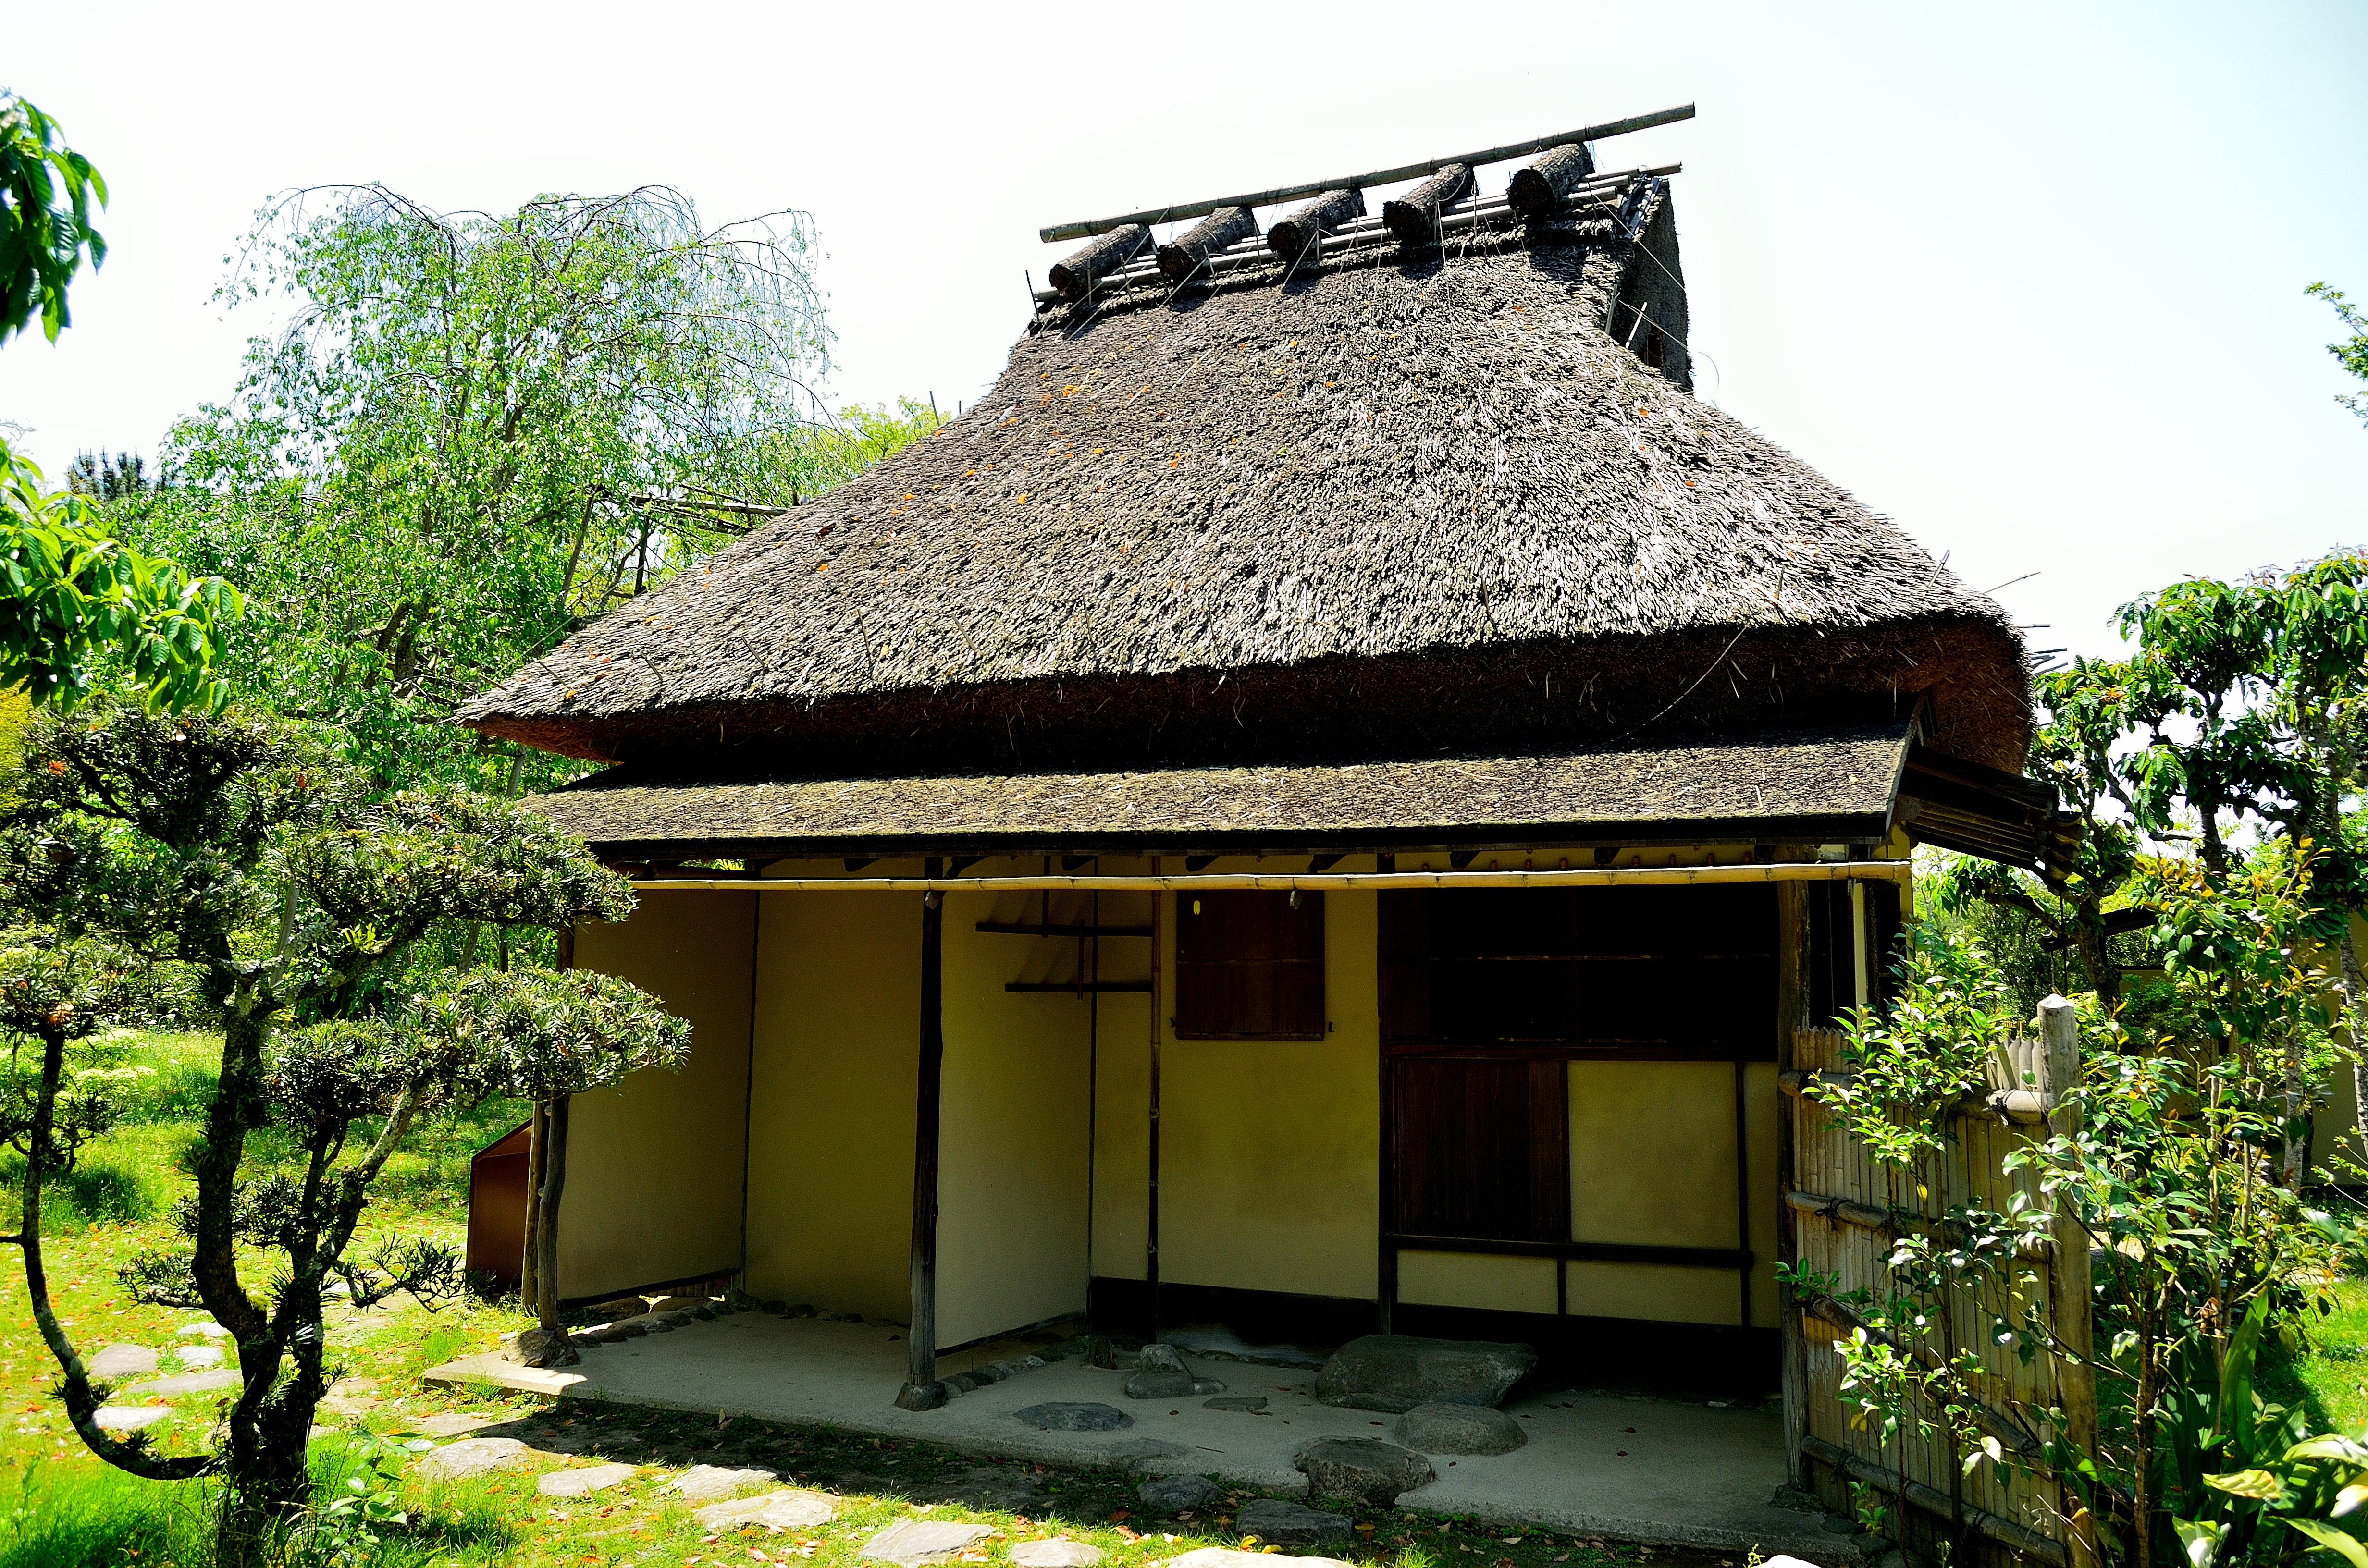 奈良国立博物館 八窓庵